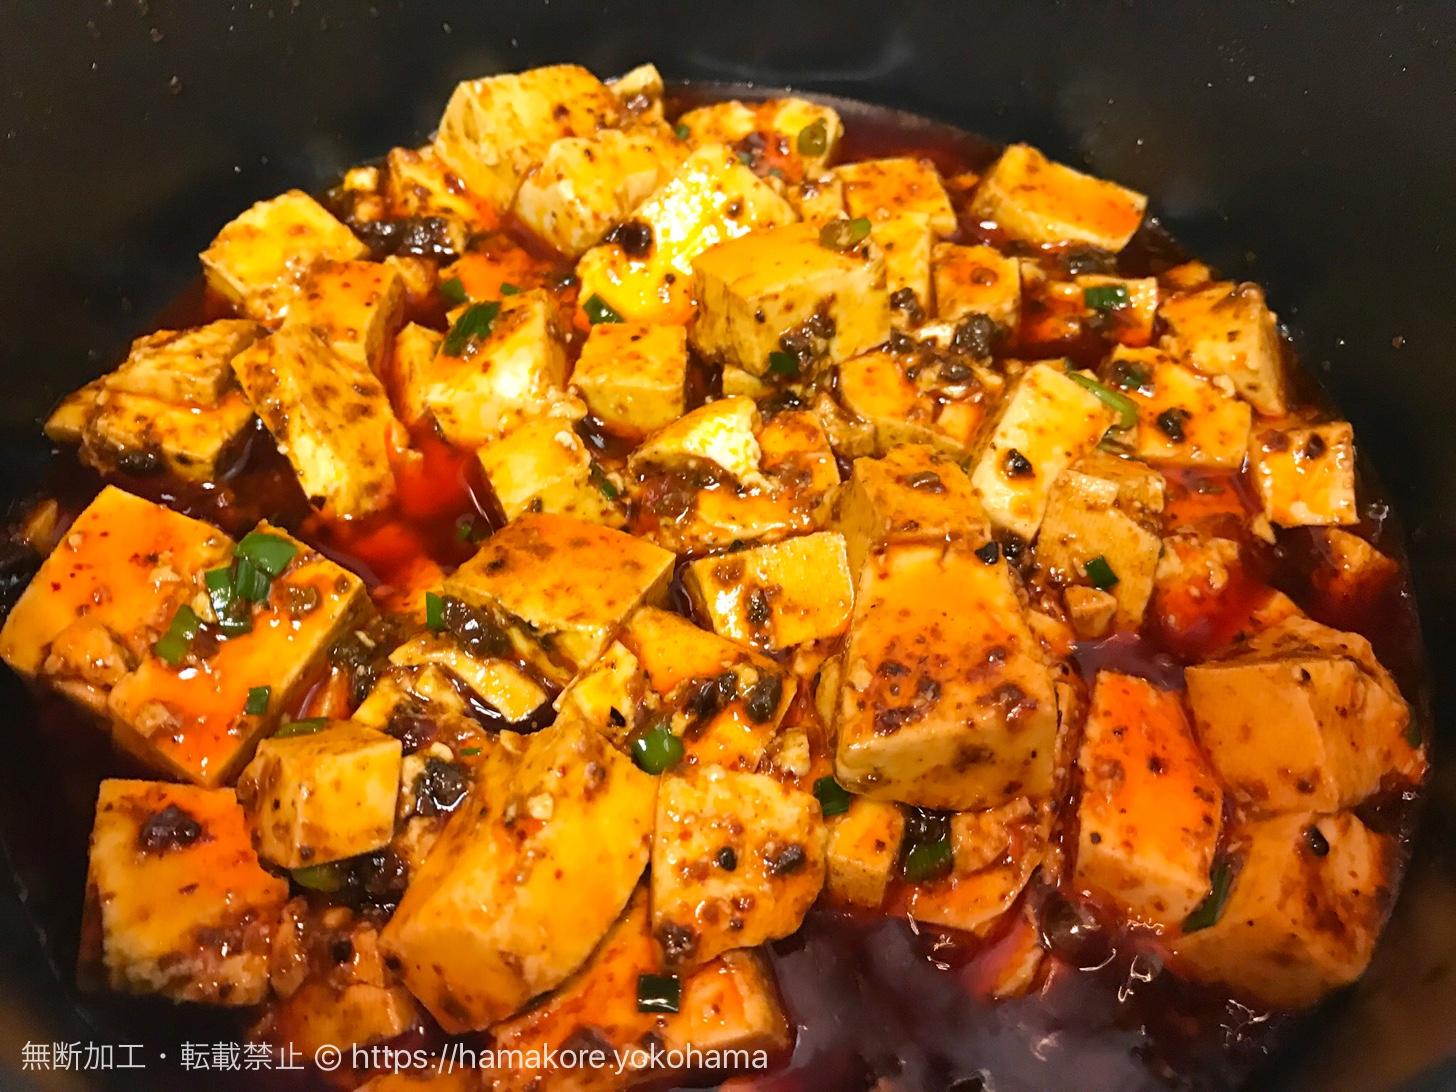 横浜中華街「京華樓」で豆腐のみで本場麻婆豆腐が作れる素を購入!マツコの知らない世界で紹介